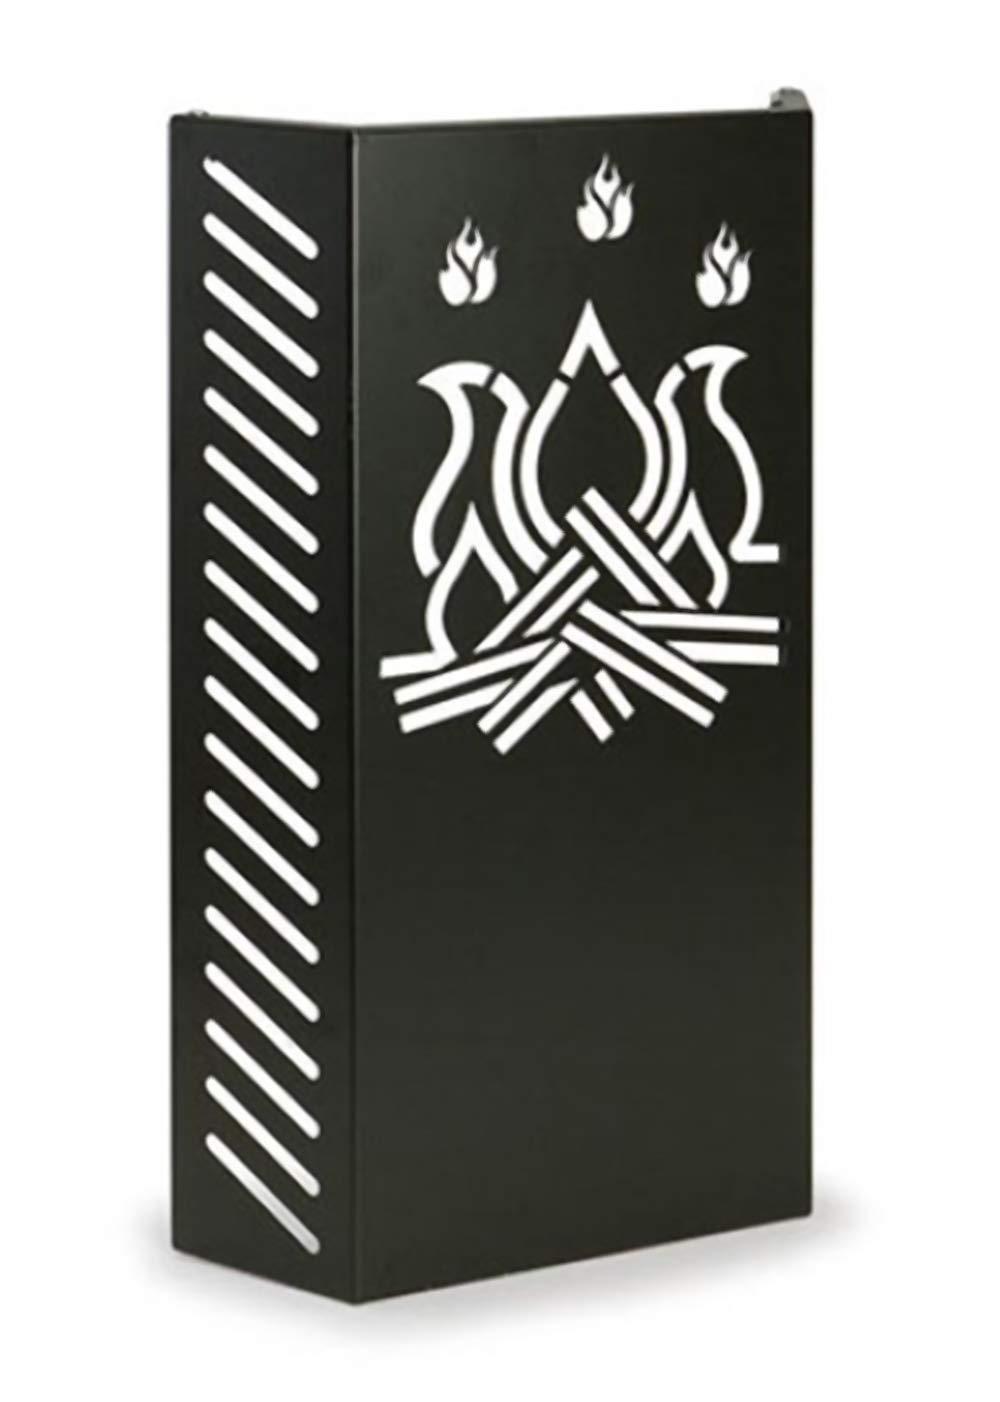 KALAMI' 4: Barrière de sécurité poêles, cheminée, en acier, protéger les enfants, pare feu Bébé, grill de protection, Made in Italy, design Firestyle. Gavemo